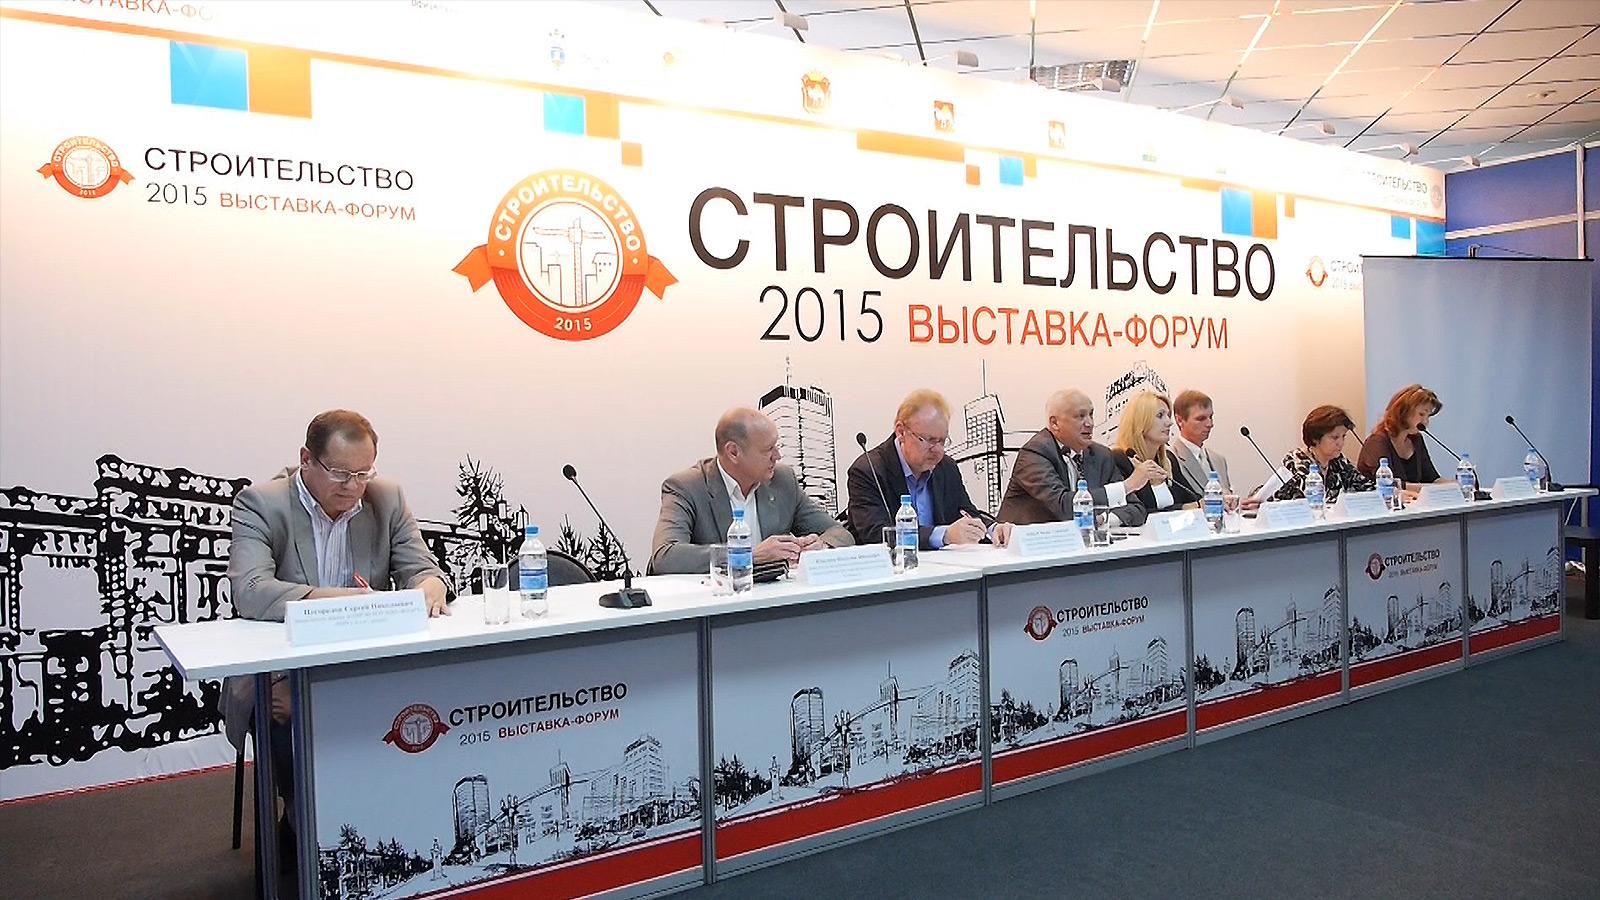 Специализированная выставка «Строительство 2015»